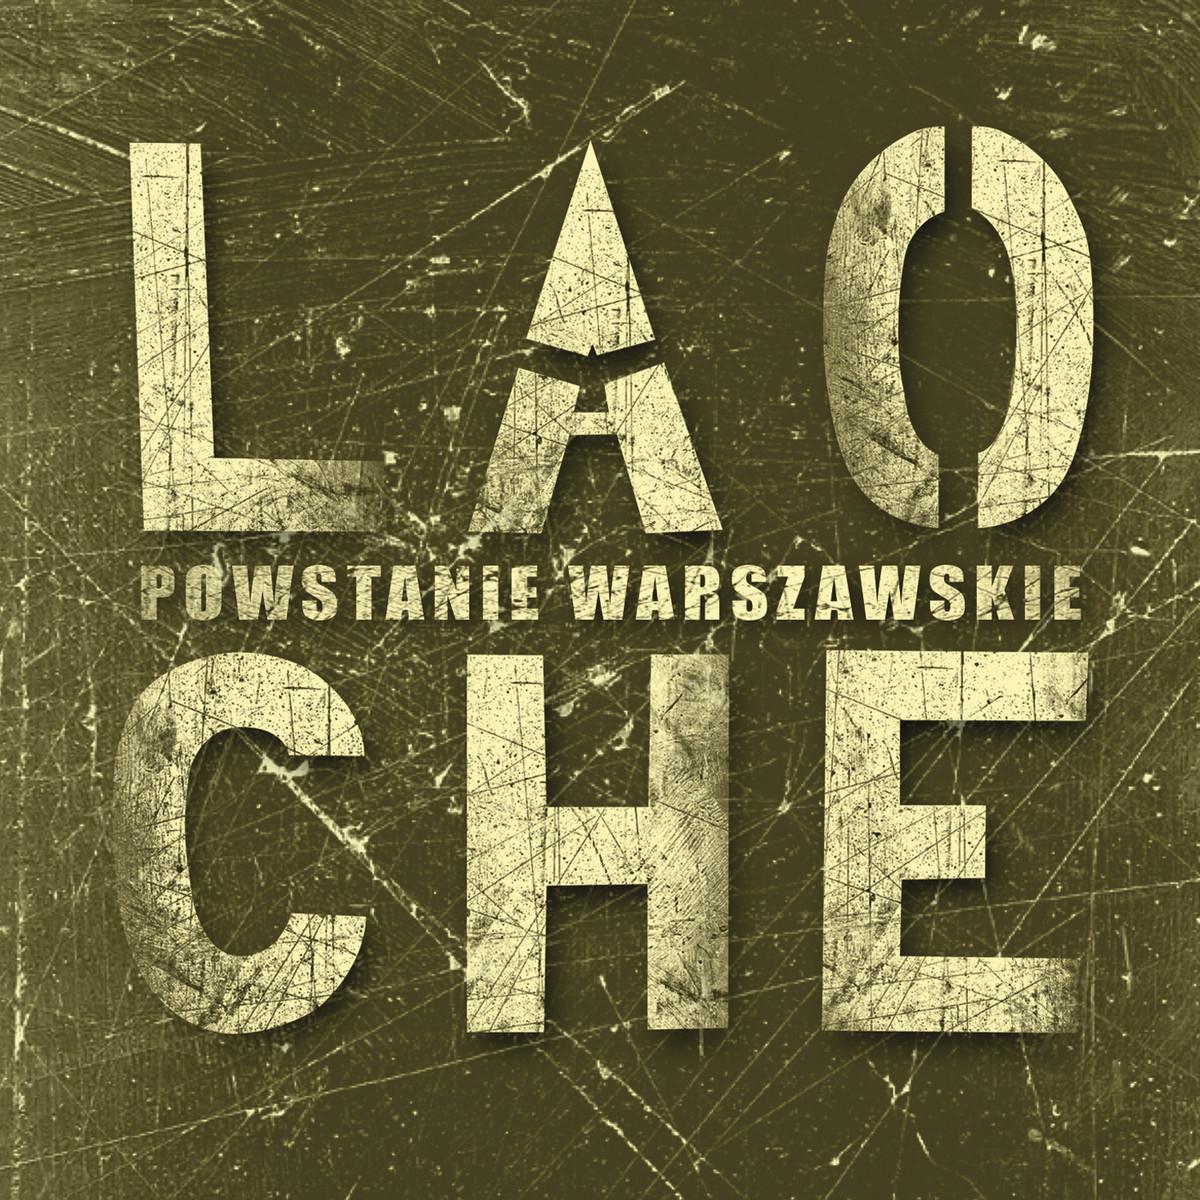 """Okładka albumu wykonana w stylu ciemnej kamiennej, porysowanej tablicy, na której znajduje się metalowy napis: """"Powstanie Warszawskie"""", a między nim nazwa zespołu."""